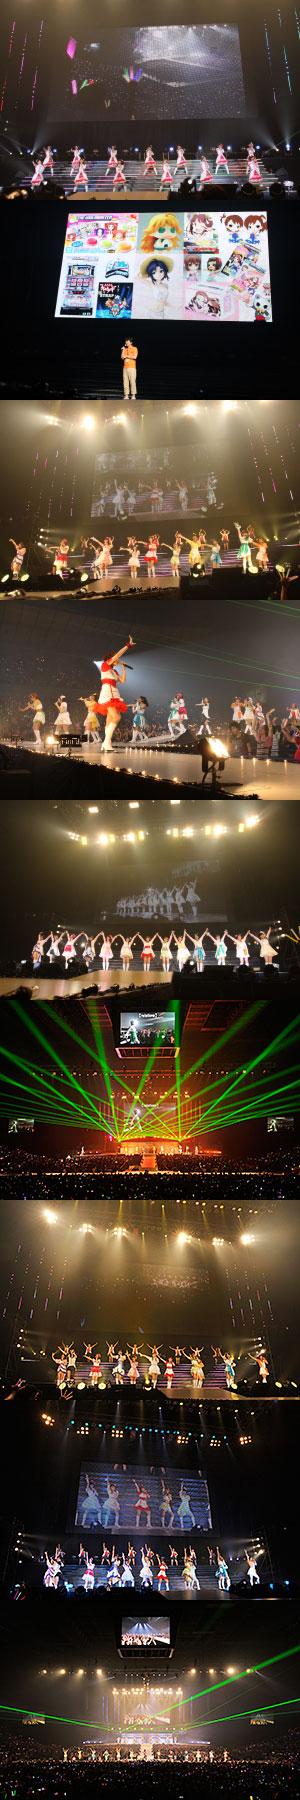 アイマス@横浜アリーナライブレポート到着!_e0025035_1134502.jpg